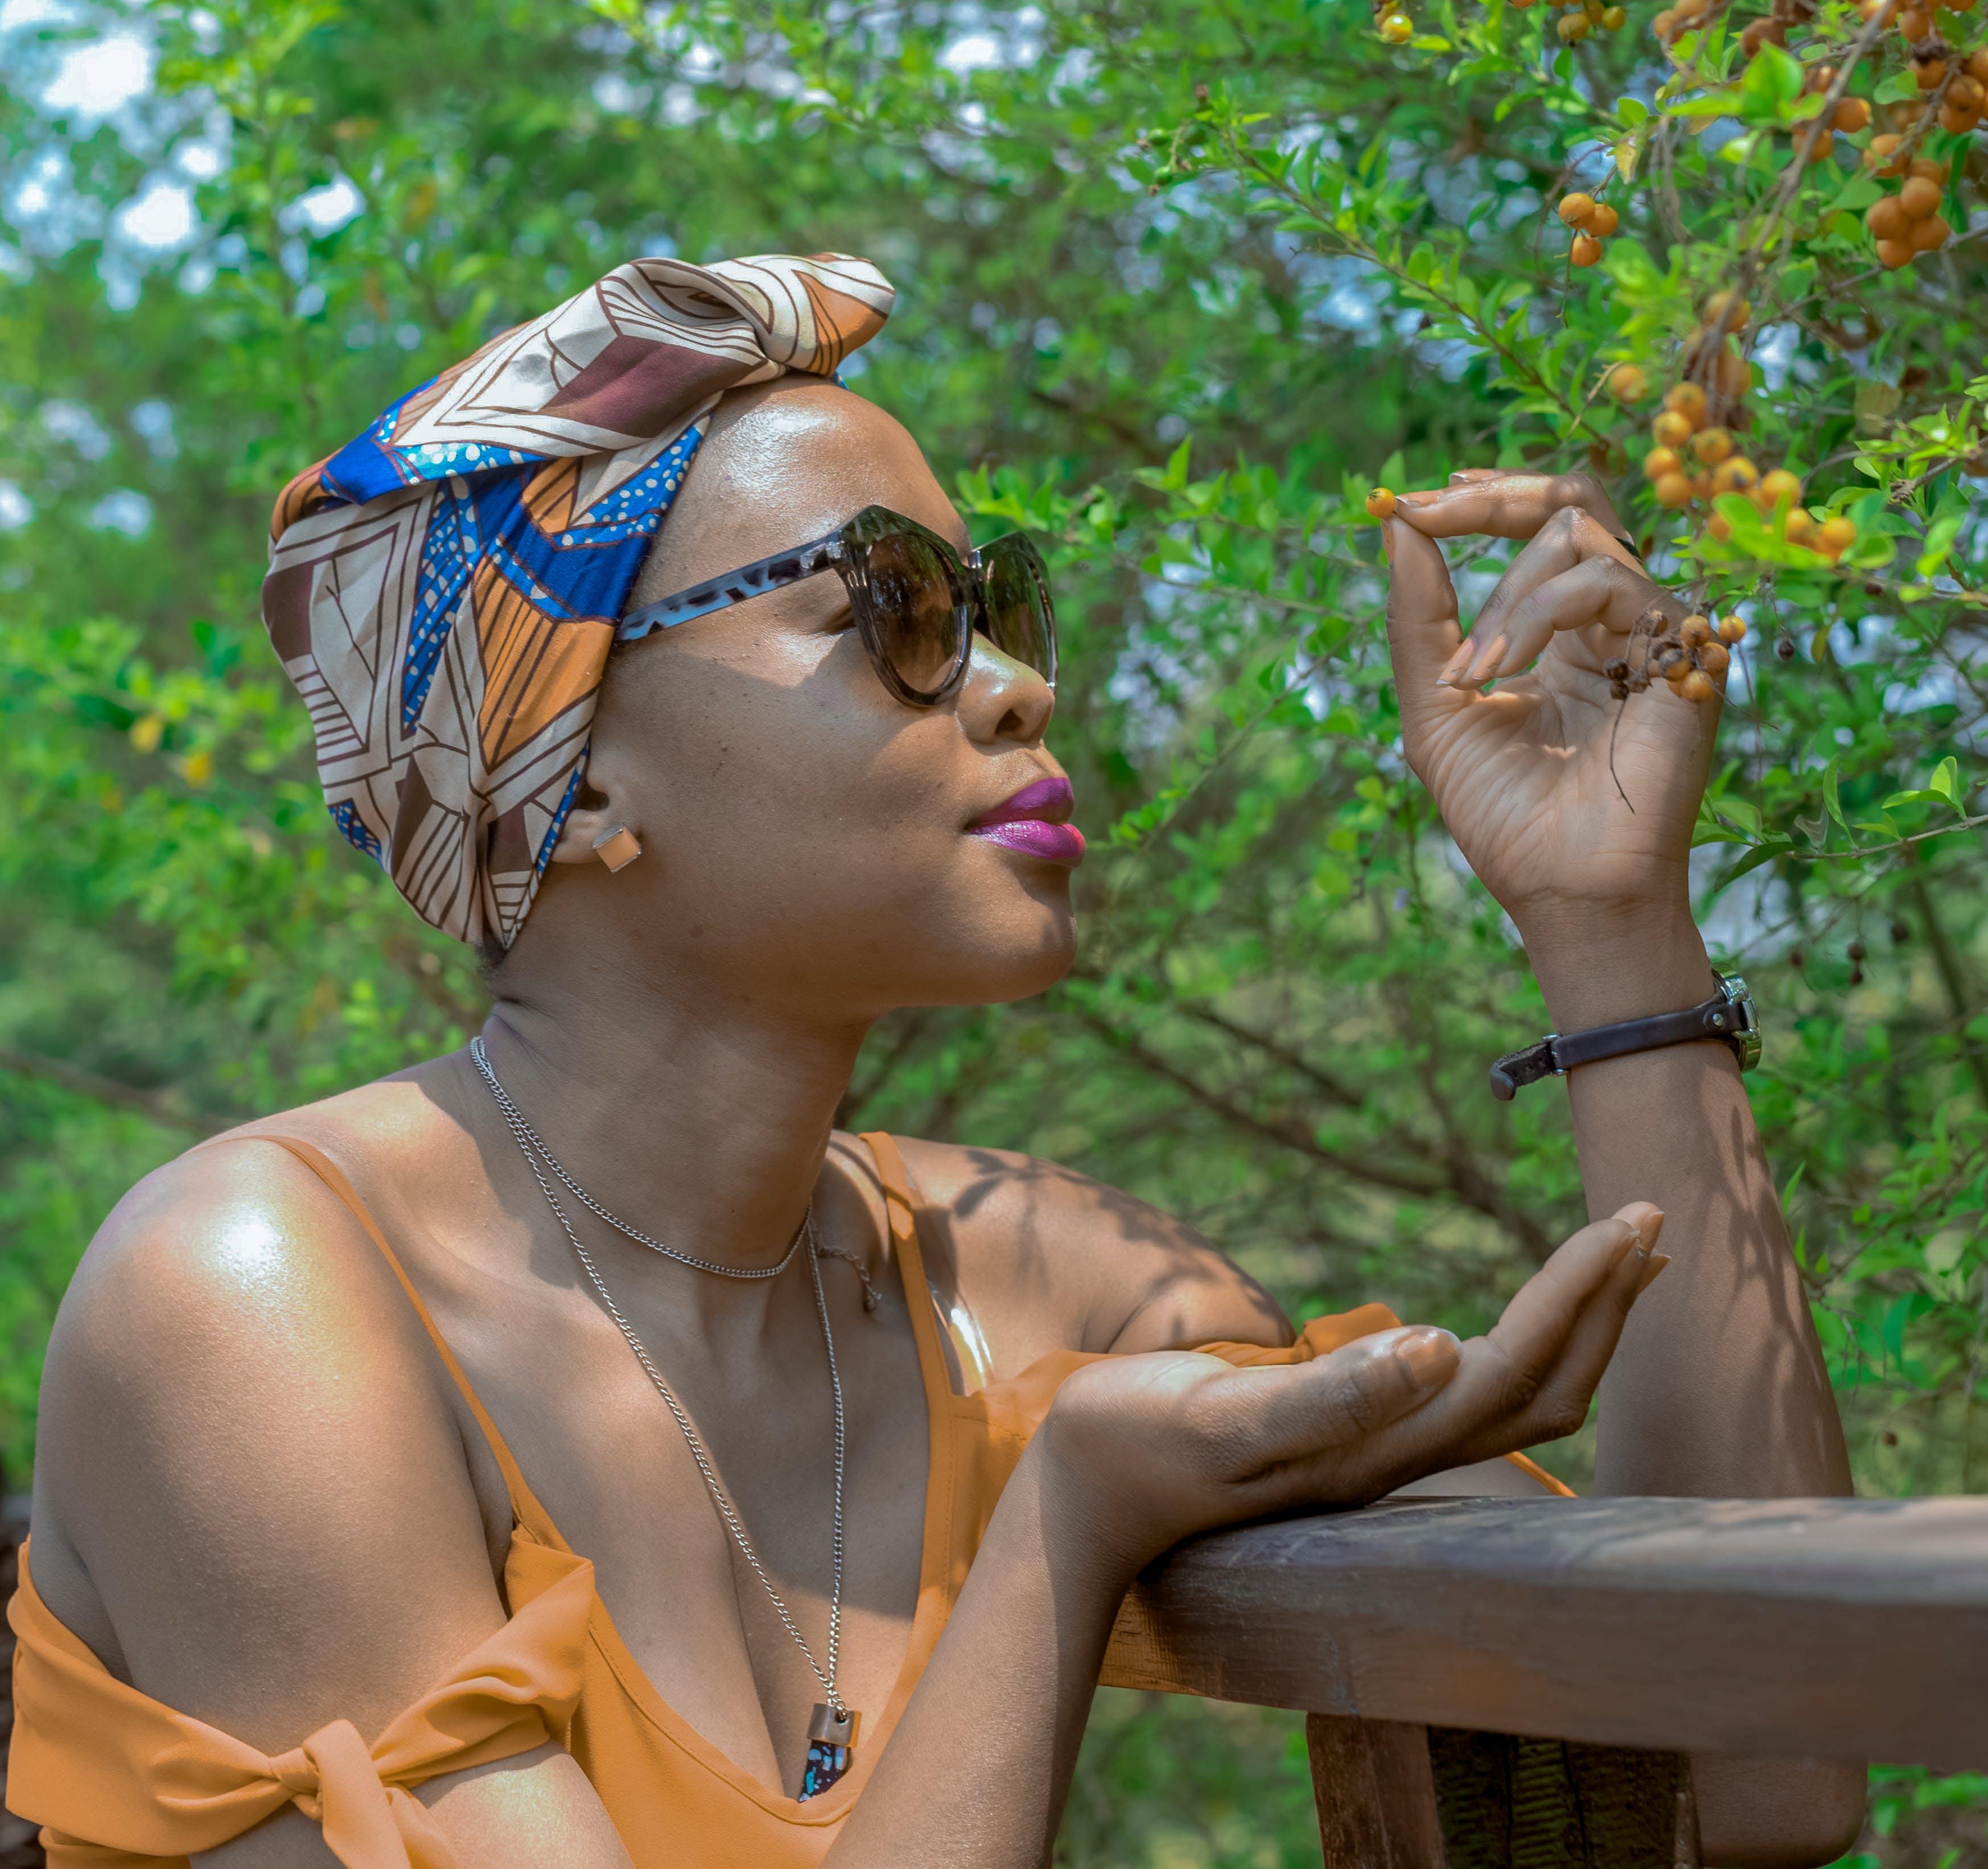 Kostenloses Stock Foto zu bäume, brillen, entspannung, erholung